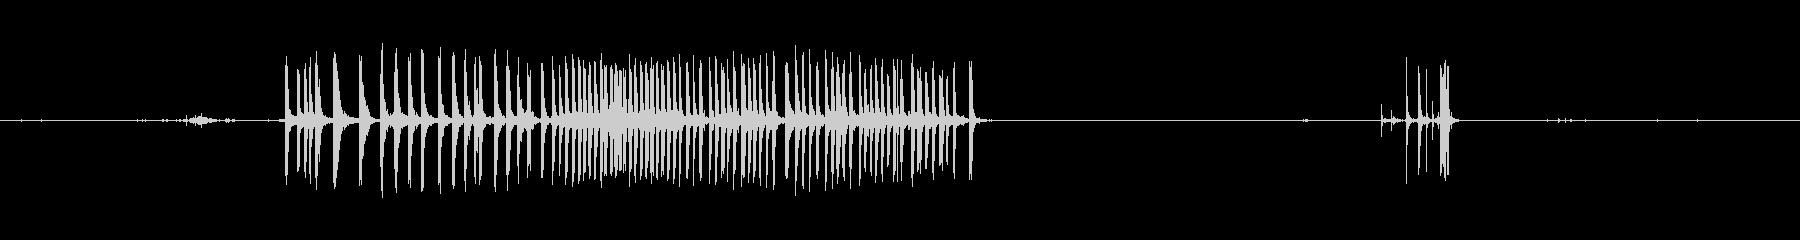 ガン、ロング、オフィステープ&テー...の未再生の波形